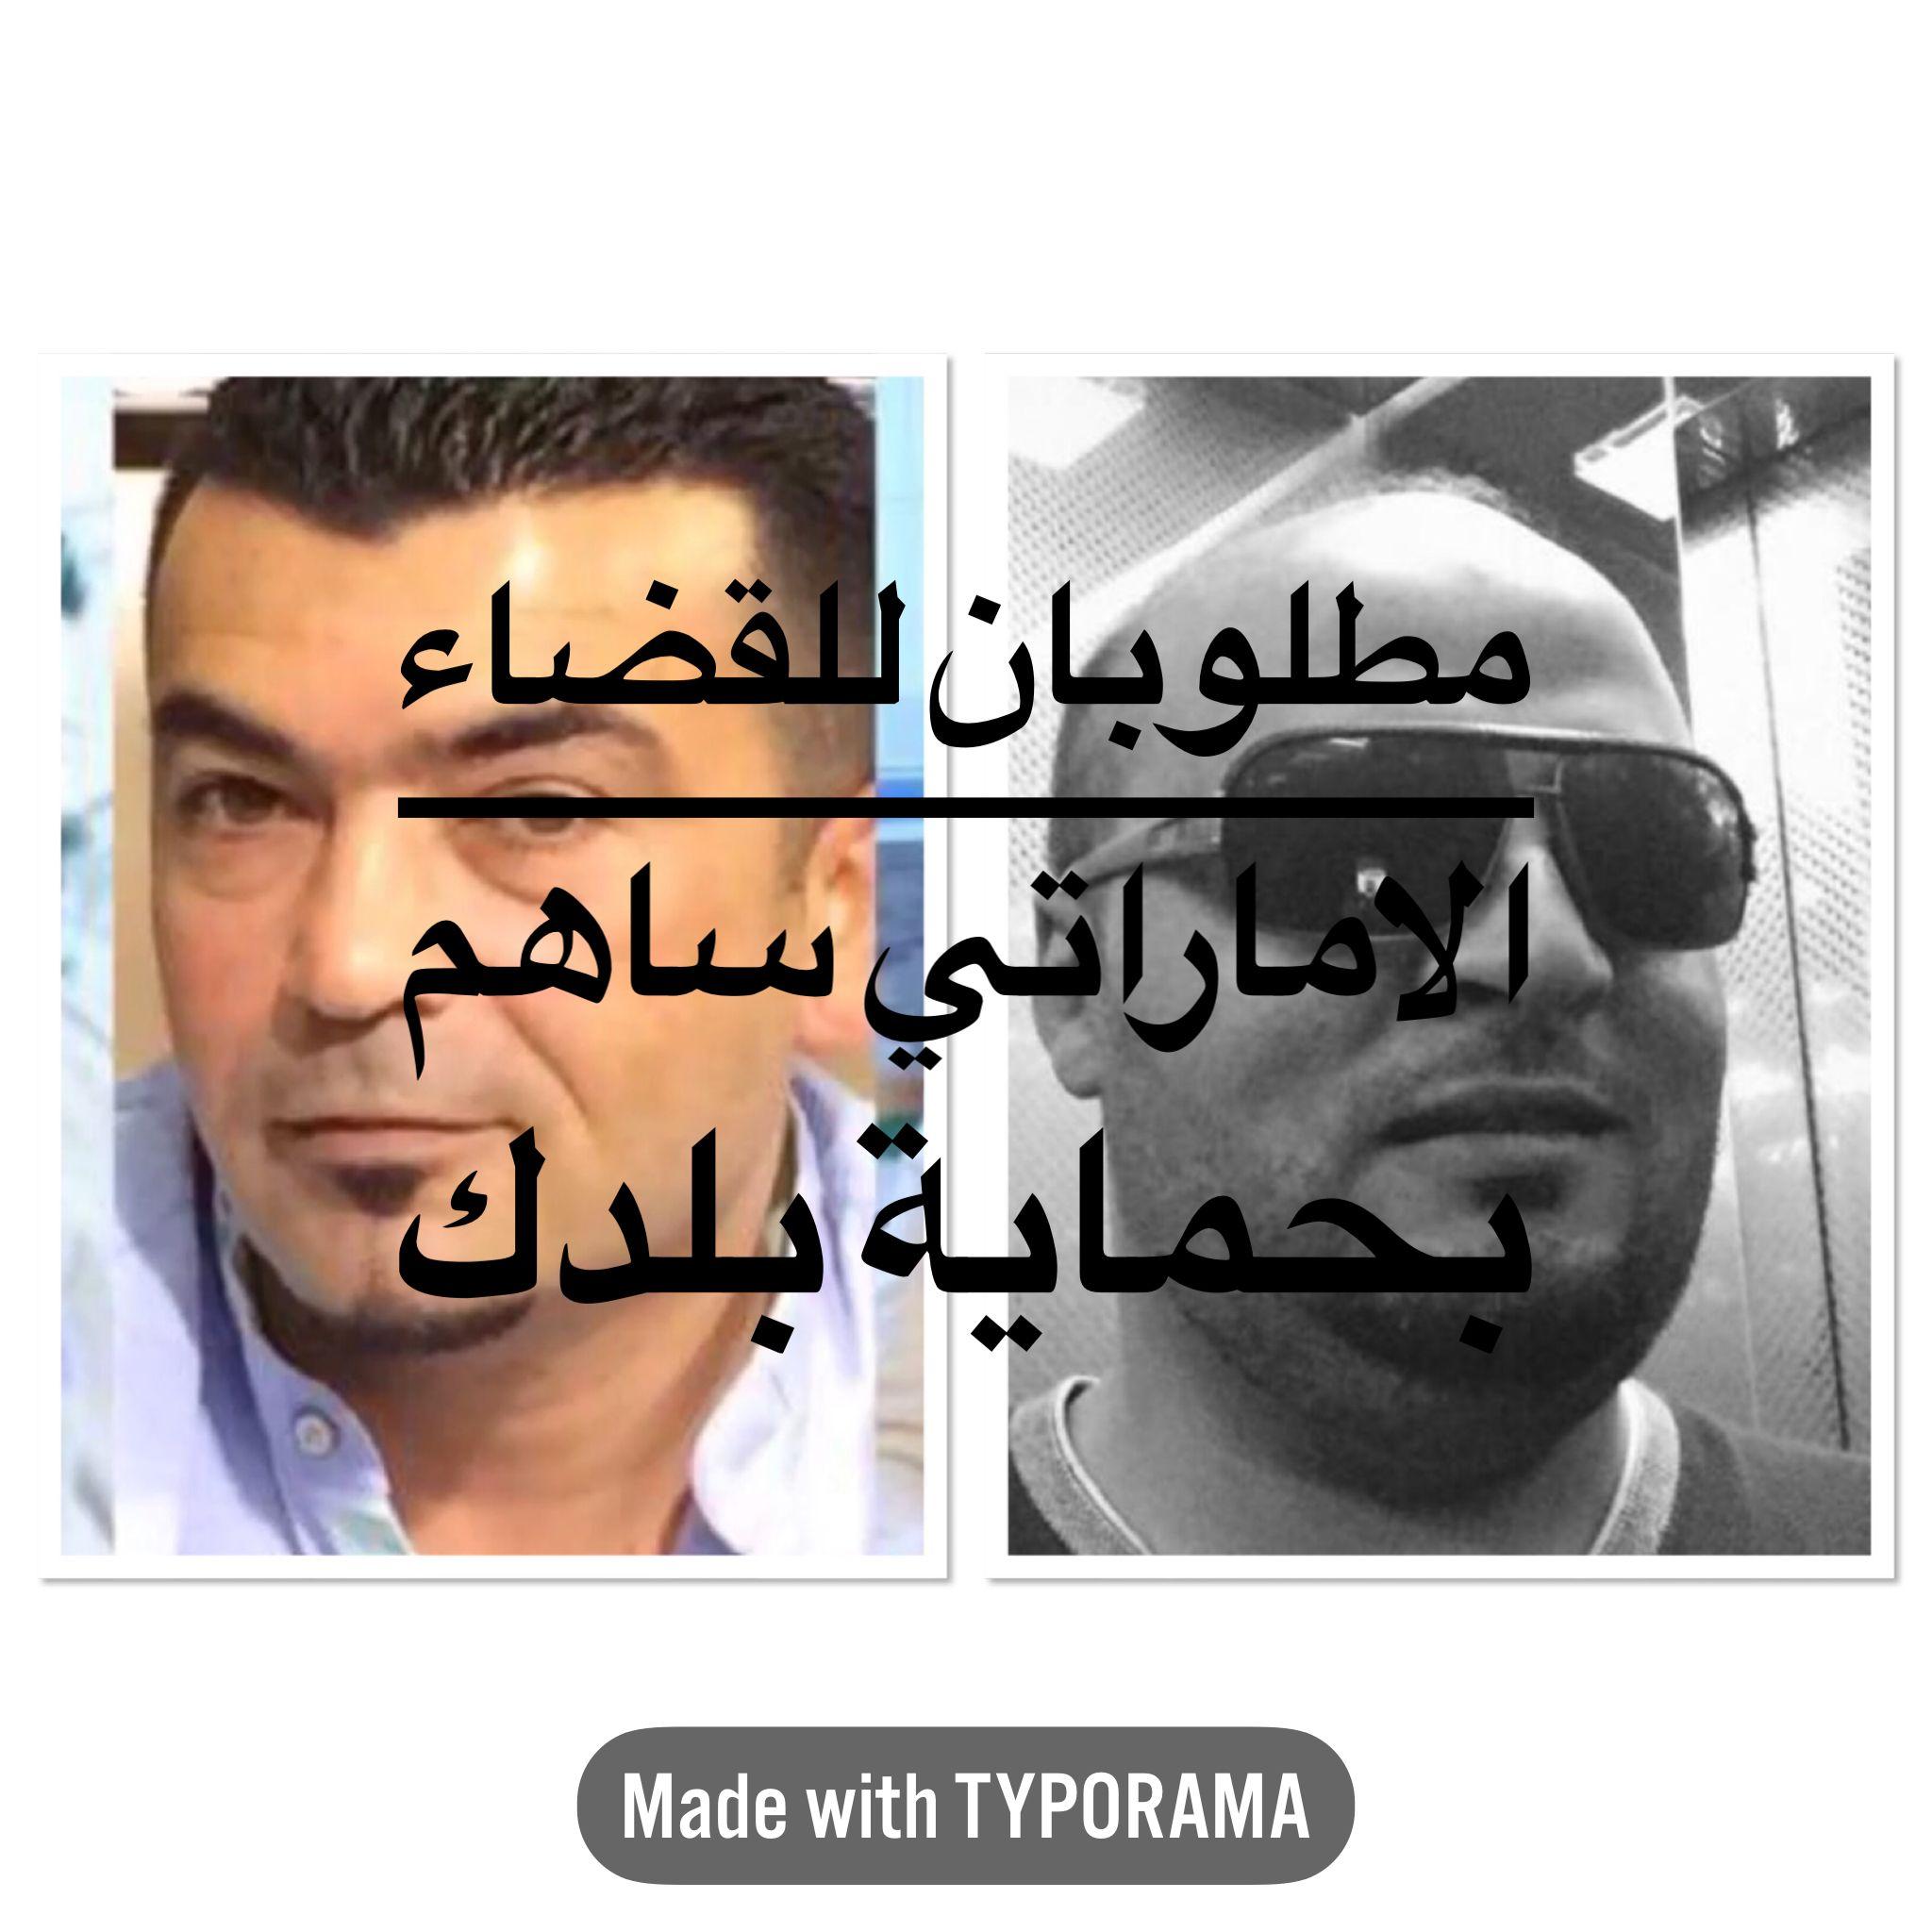 احذرو عصابة احمد رامي وفريد الخطيب ومحمود ميمان Instagram Posts Instagram Fashion Instagram